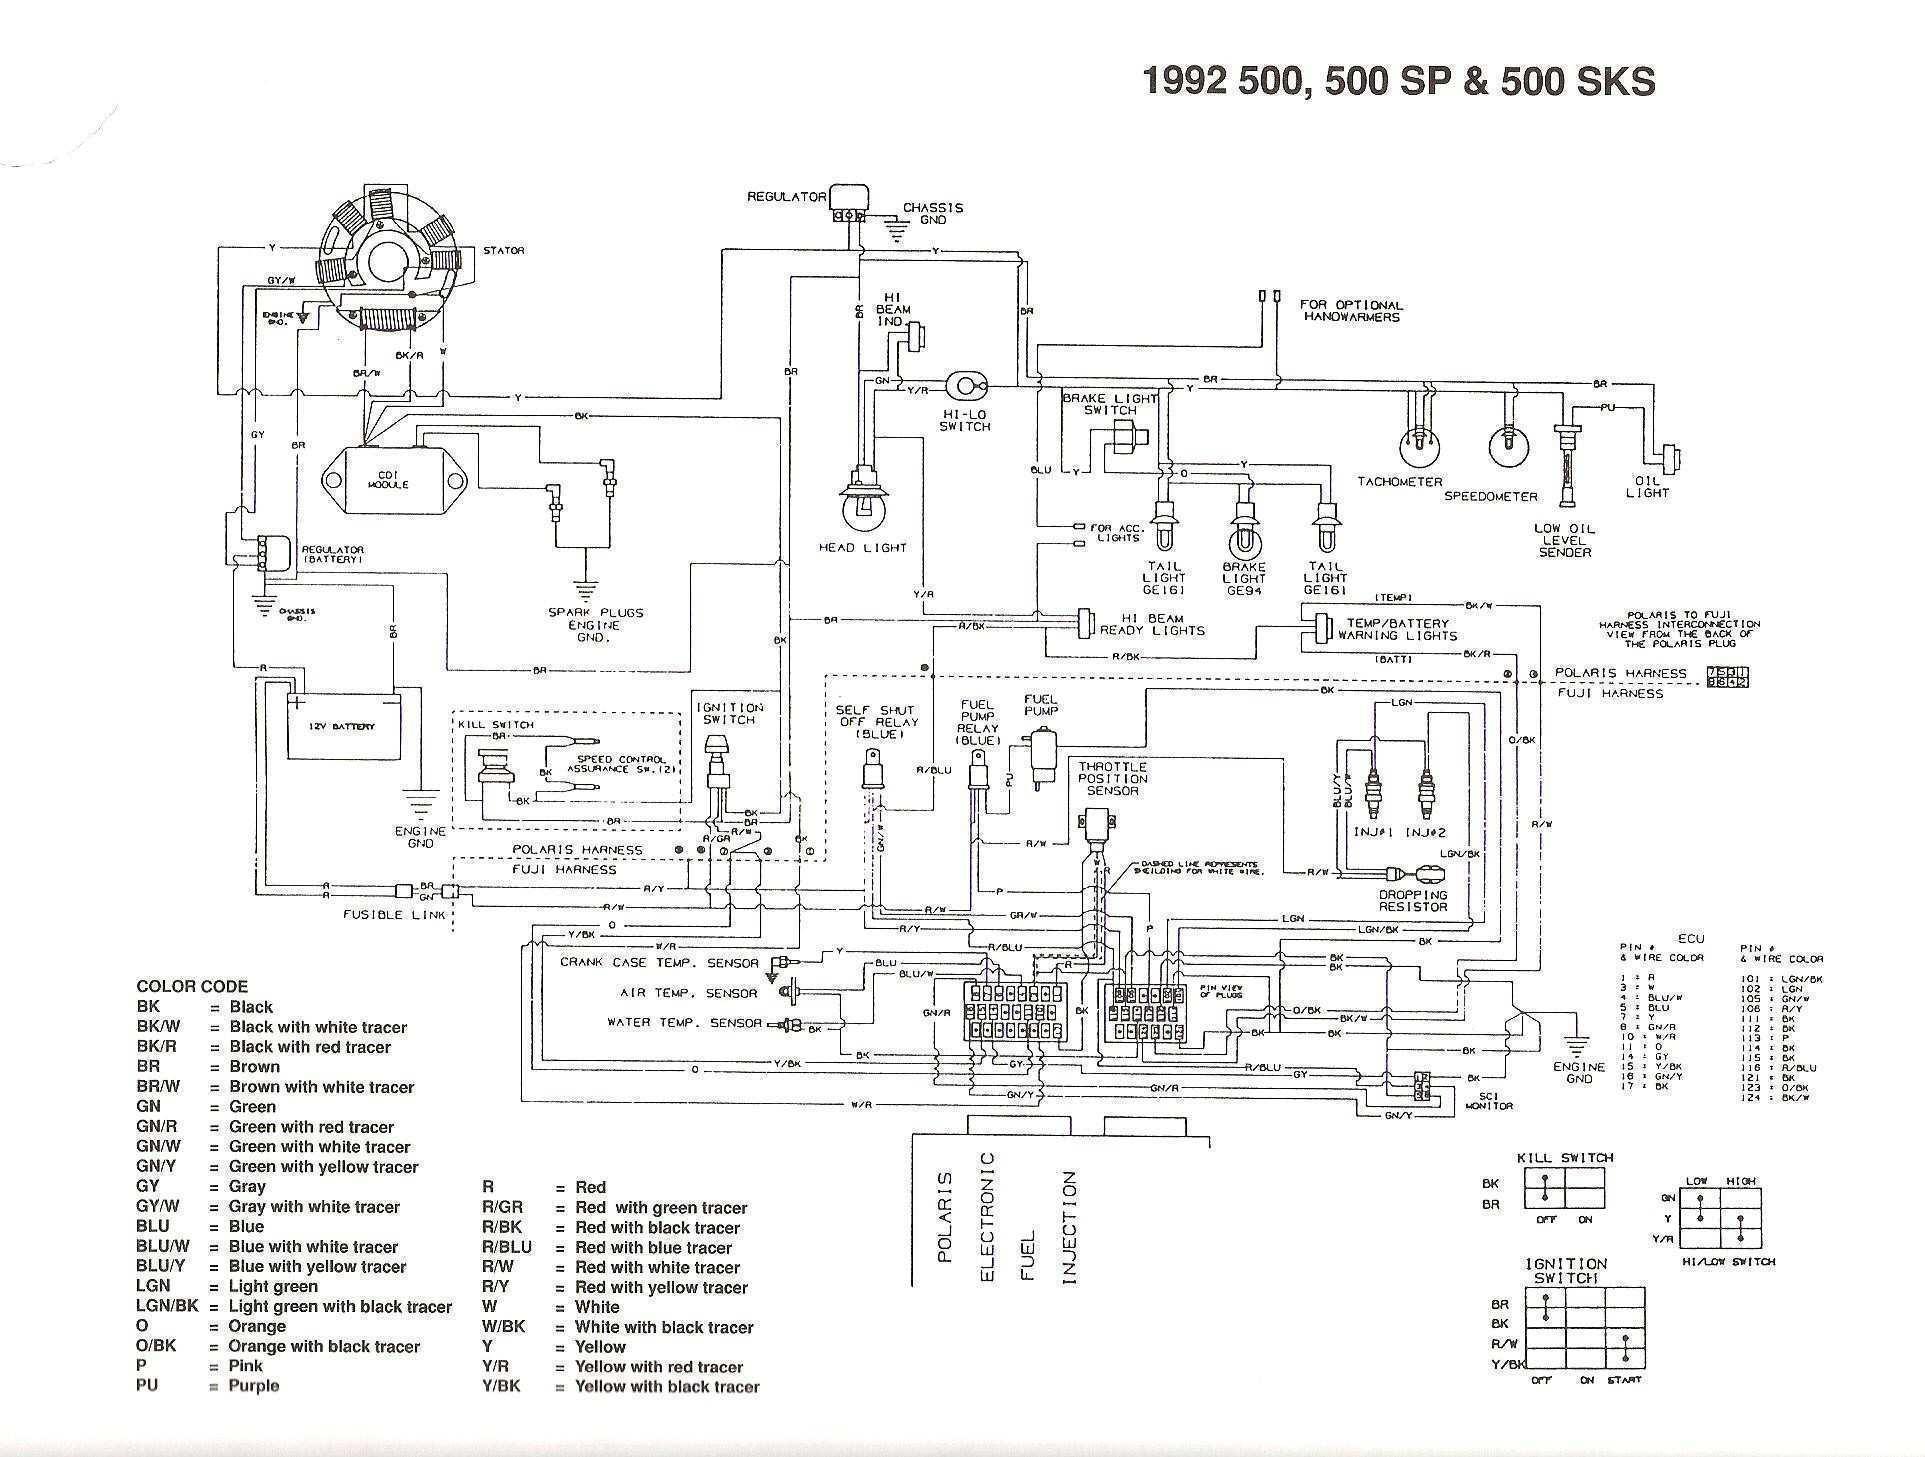 1997 Sportsman Wiring Diagram | Wiring Library - Polaris Ranger Wiring Diagram